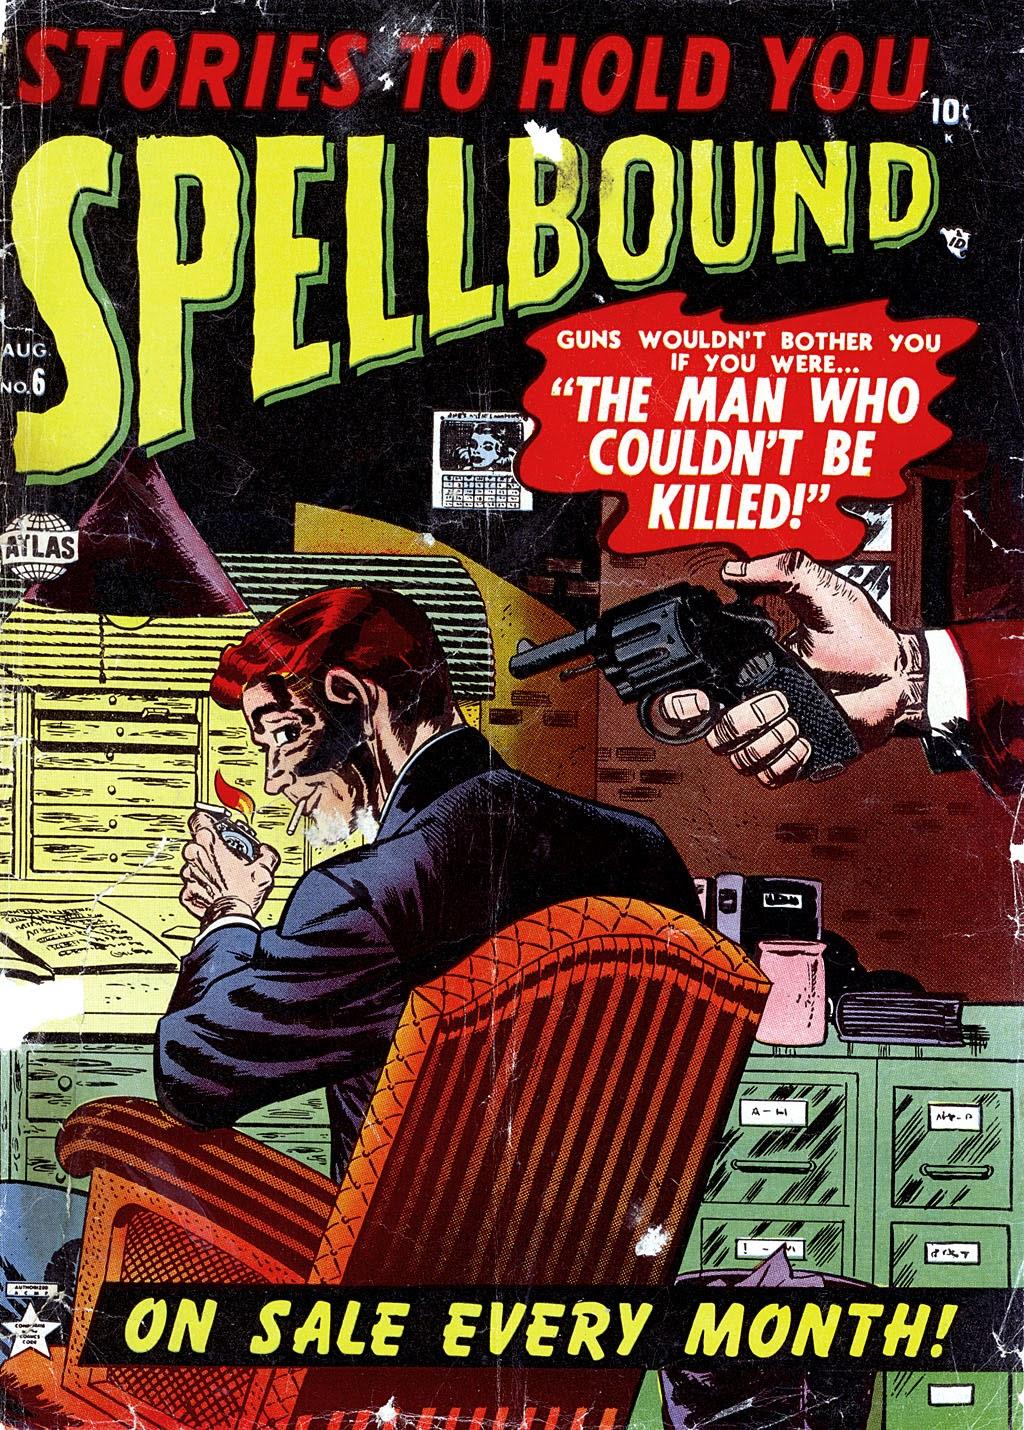 Spellbound (1952) issue 6 - Page 1